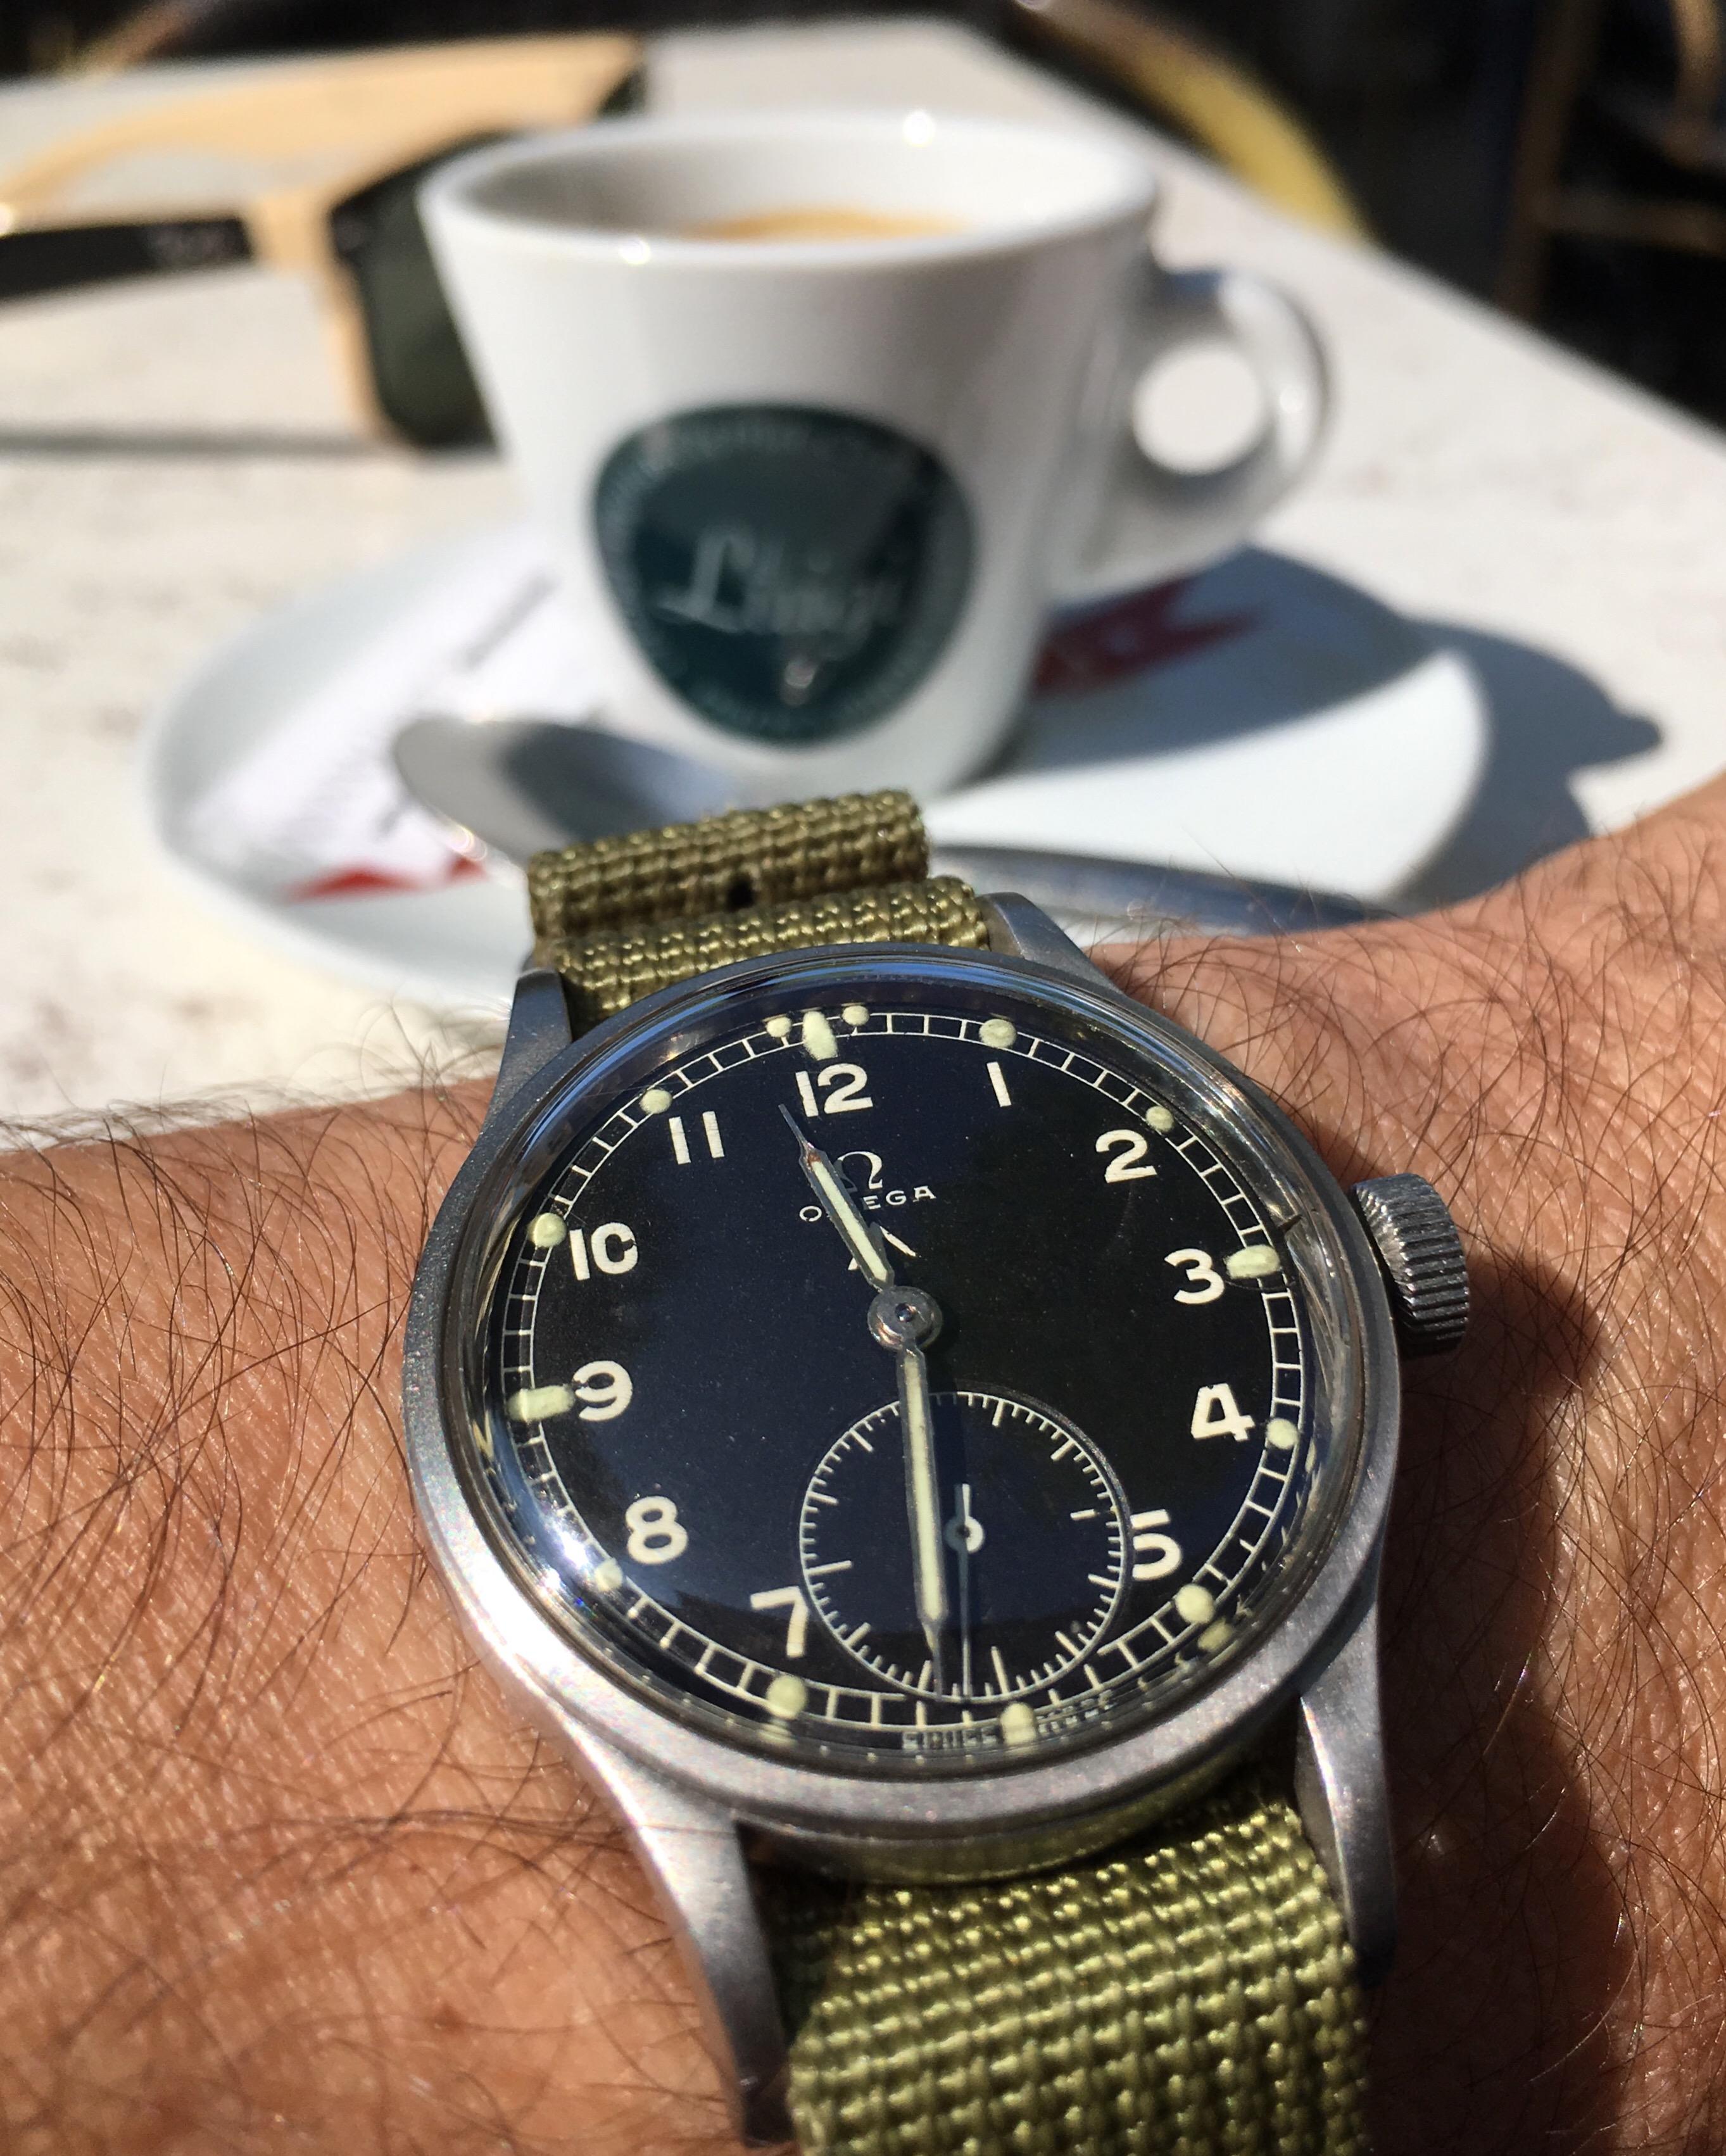 Pause café et montre (toutes marques) - tome III - Page 3 E8281d23-1c07-45d6-9b4e-4c4506048c45-jpeg